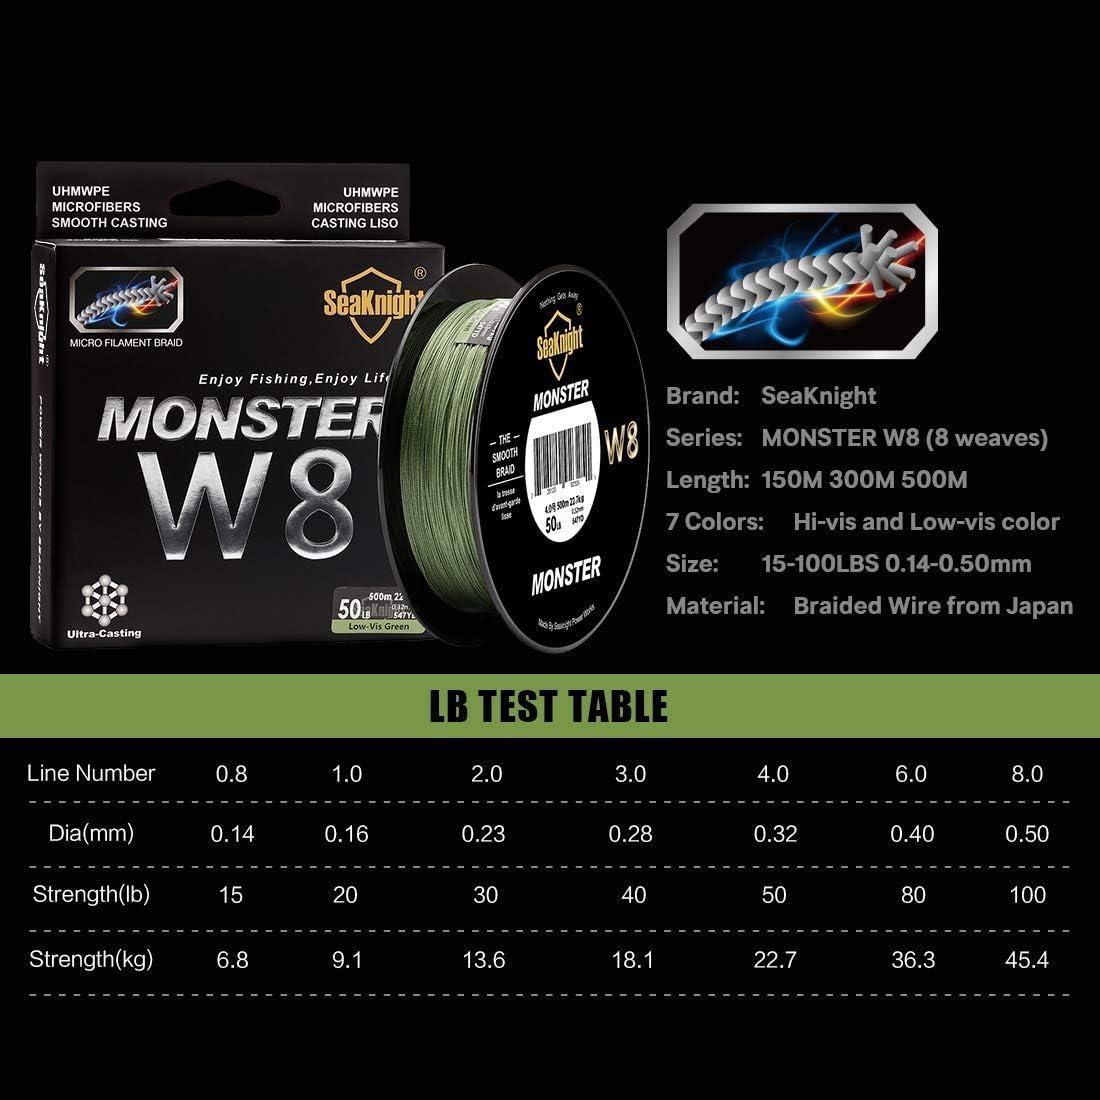 SeaKnight Monster Trenzado de Pescar W8/S9 Trenzado de 8/9 Hilos, 300/500 m, súper Suave, de Polietileno, Hilo Trenzado de multifilamentos para Pesca en mar, 6,8 kg - 45,4 kg: Amazon.es: Deportes y aire libre